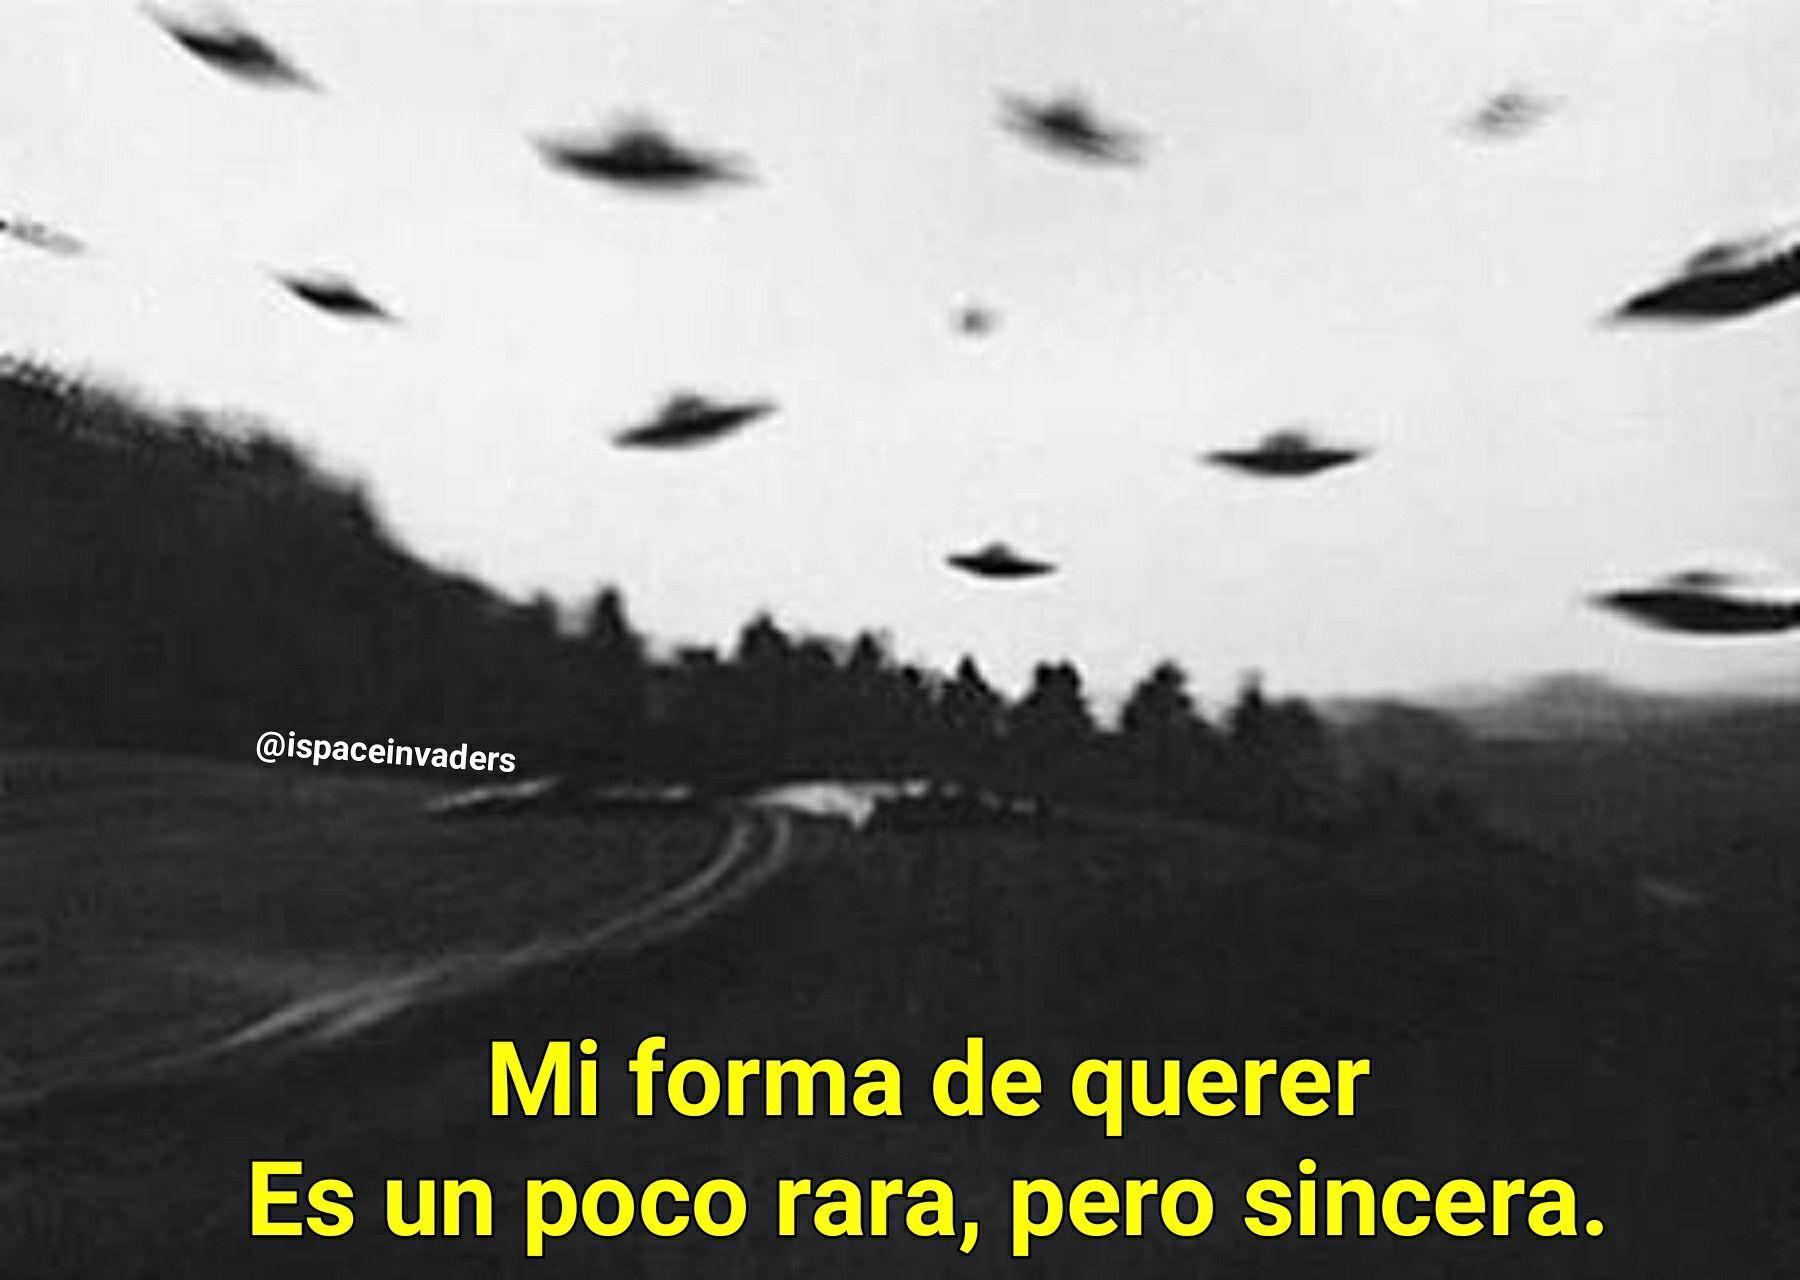 Valla Que Lo Es Frases Tumblr Frases Poeticas Cortas Y